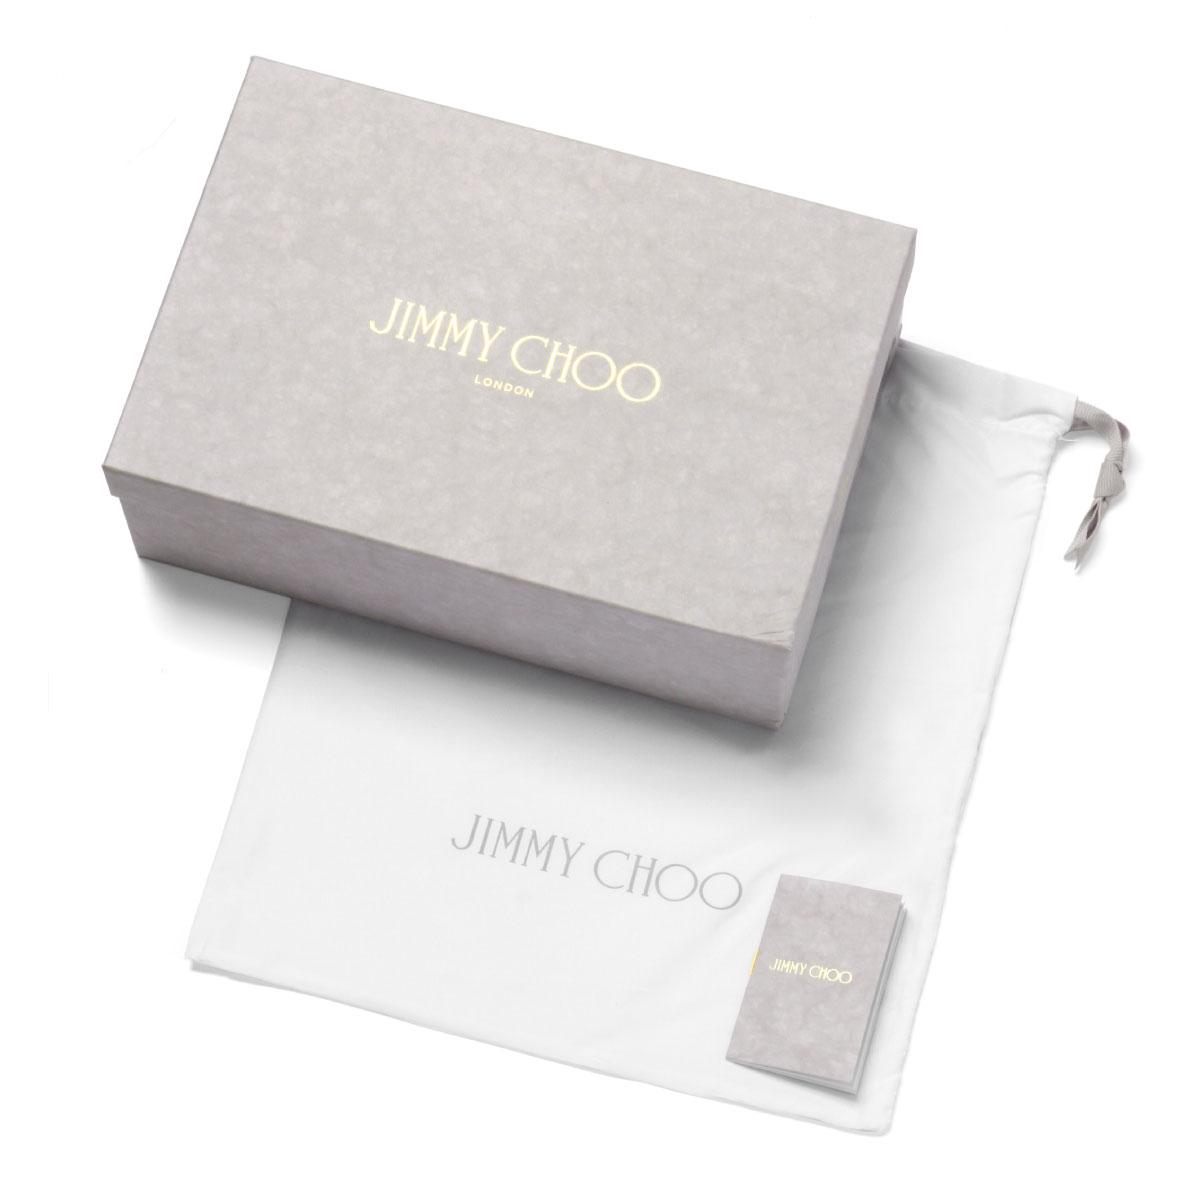 JIMMY CHOO ジミー チュウ | ウェッジサンダル | JUNE ジューン